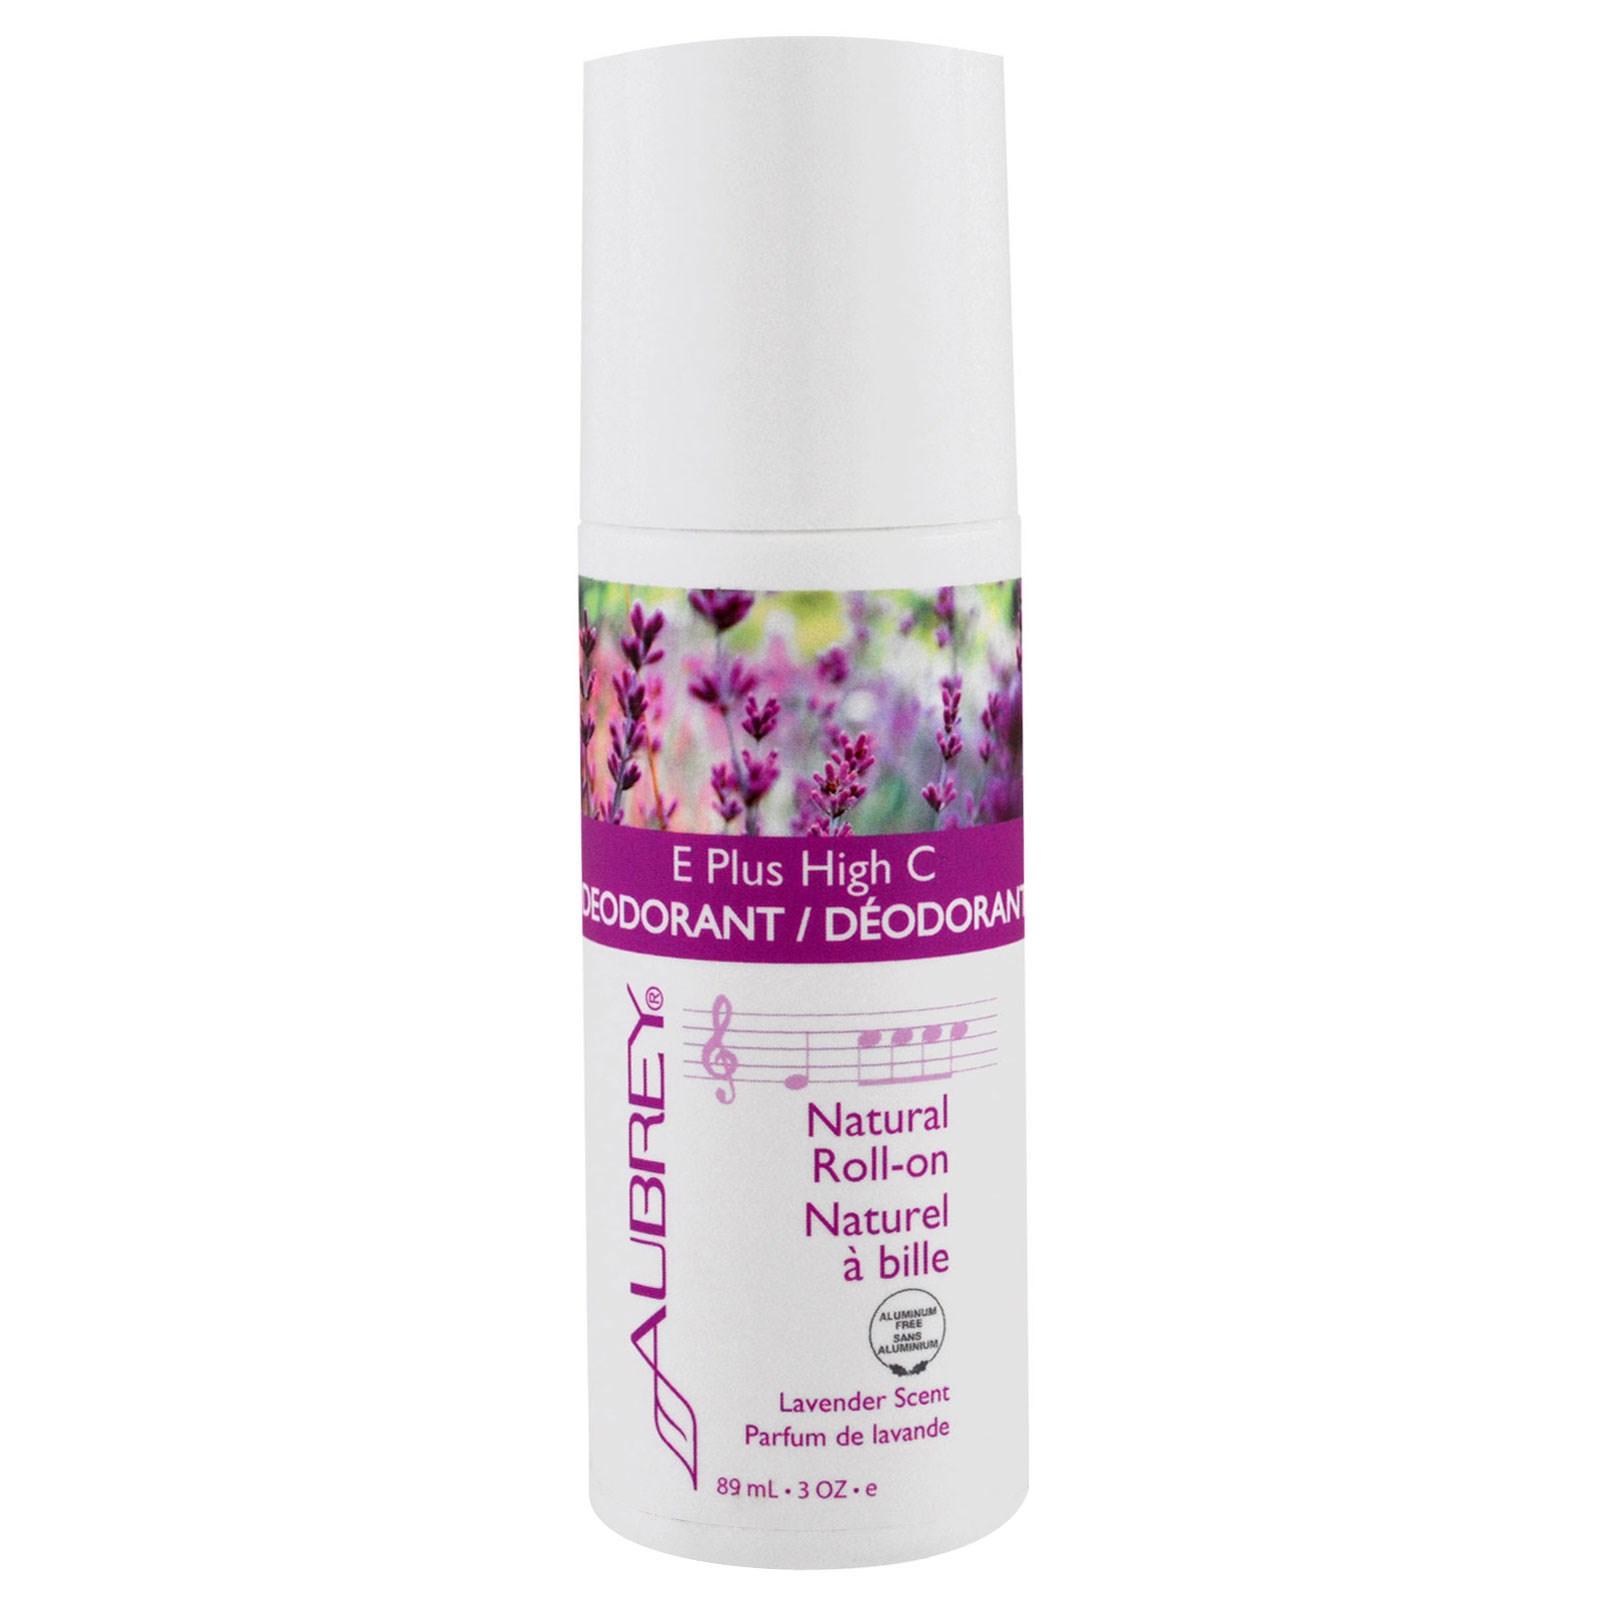 Aubrey Organics, E Plus High C, натуральный шариковый дезодорант, аромат лаванды, 3 жидк. унц. (89 мл)